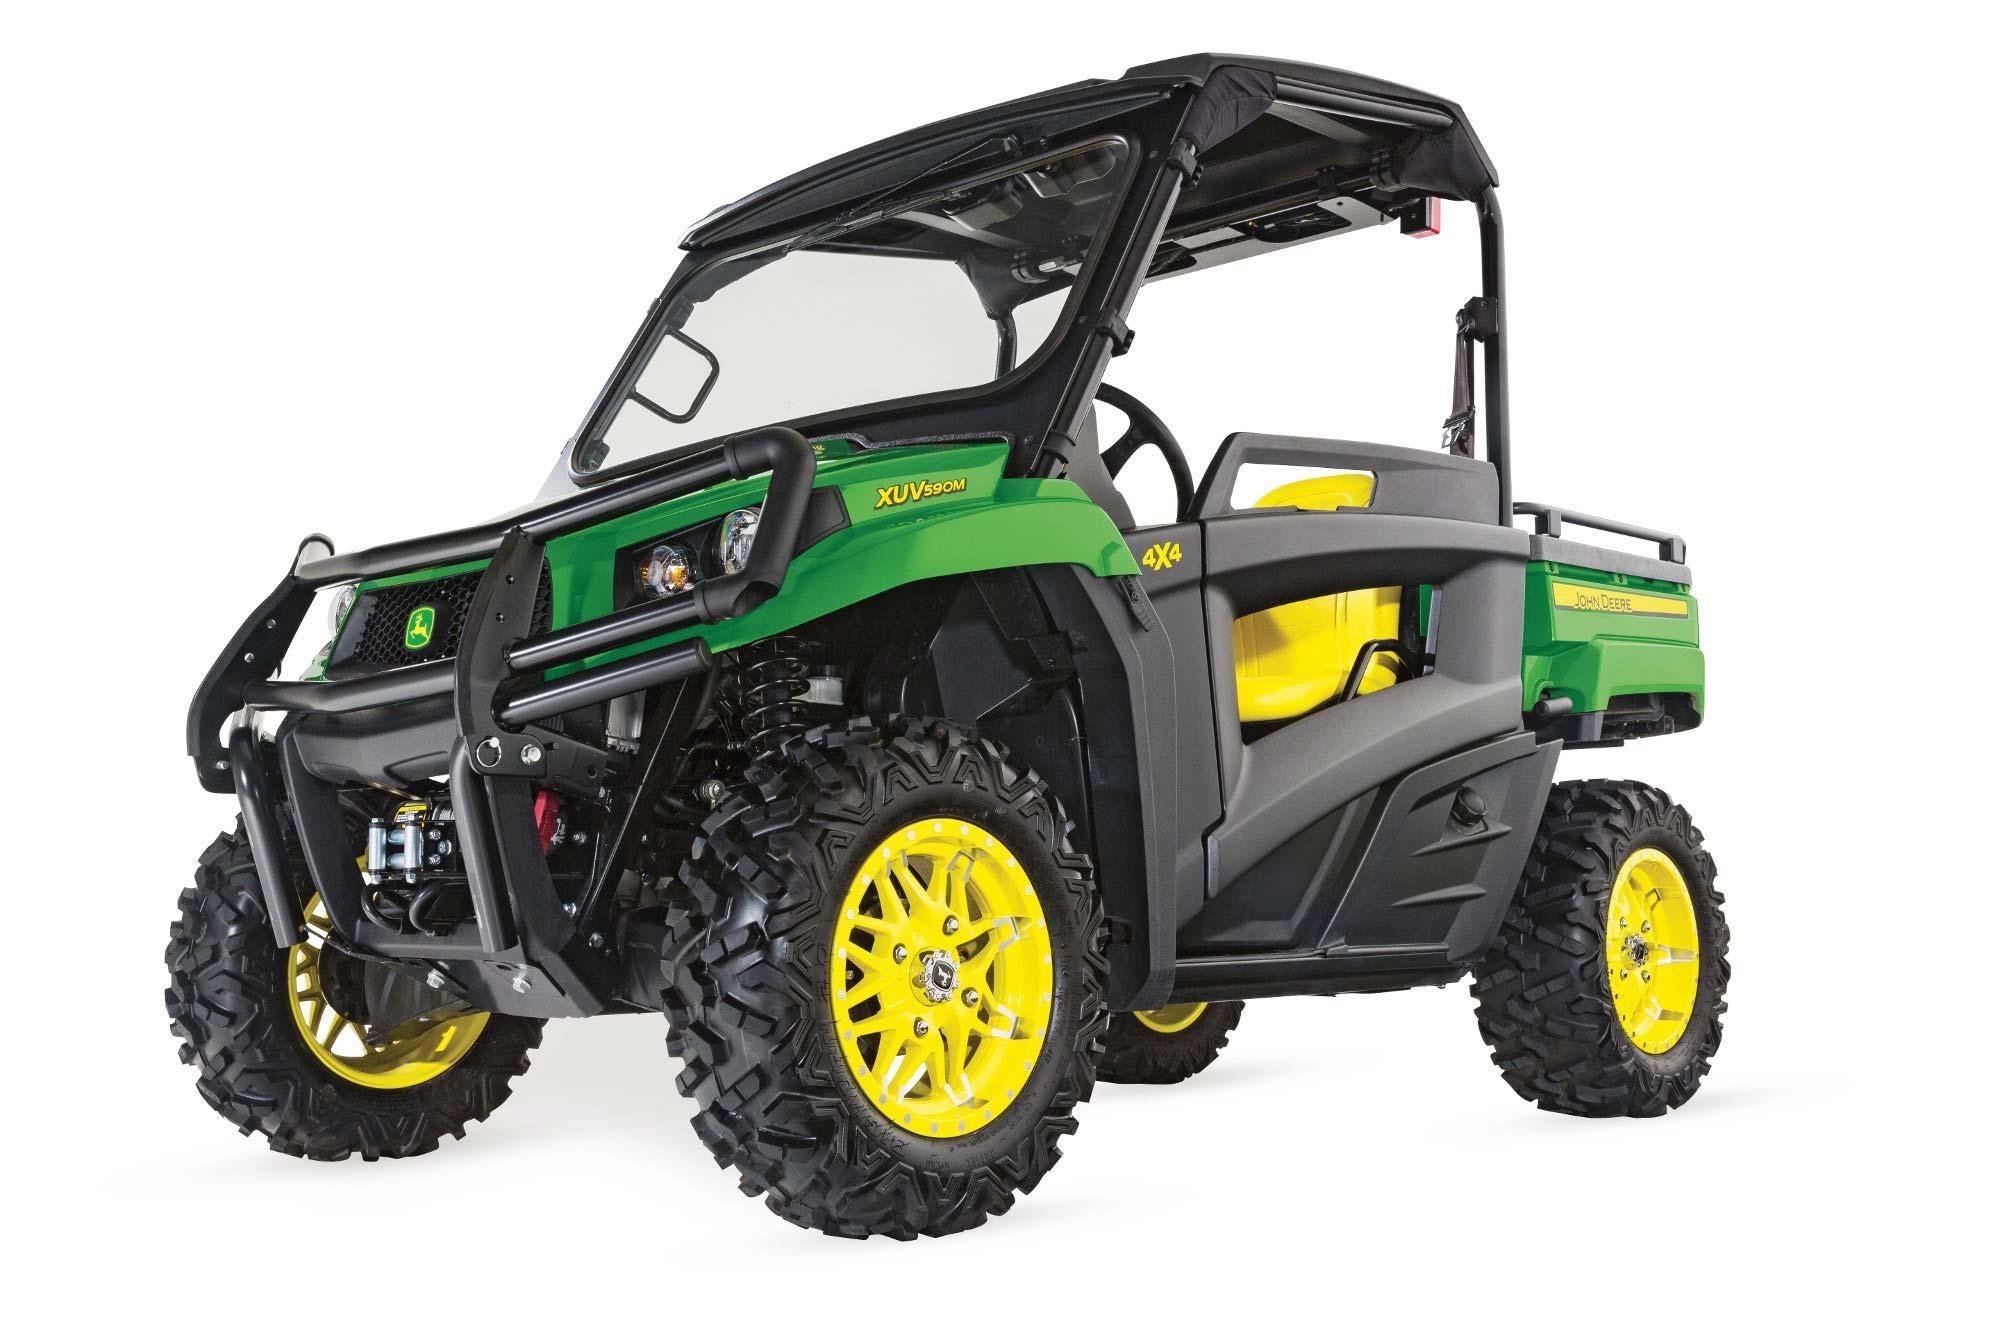 John Deere Gator Xuv590m Powercut